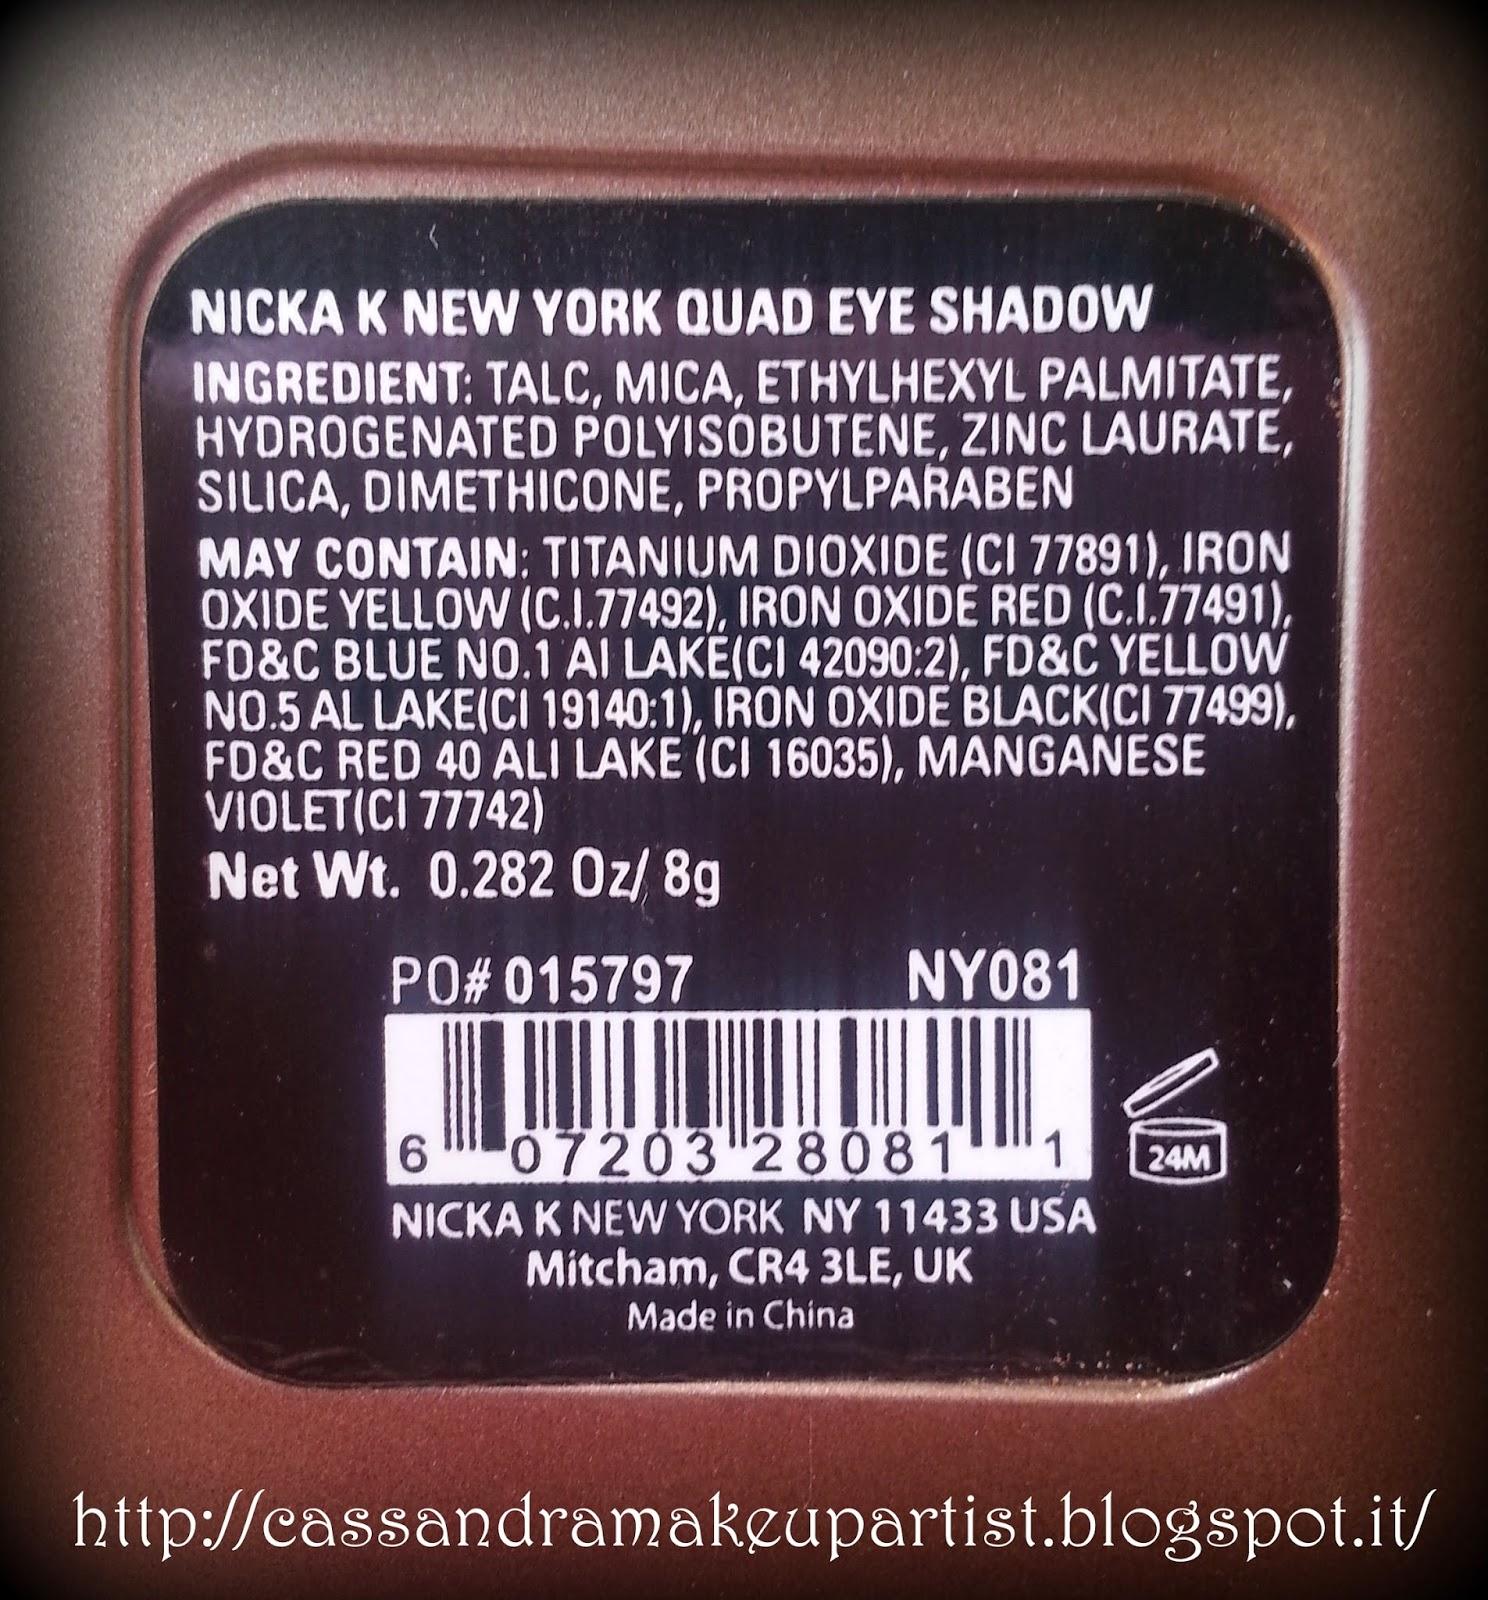 NICKA K New York - blogger tester - review - recensione - smalto nail laquer lip color maxi satin primer - prezzi - swatch inci